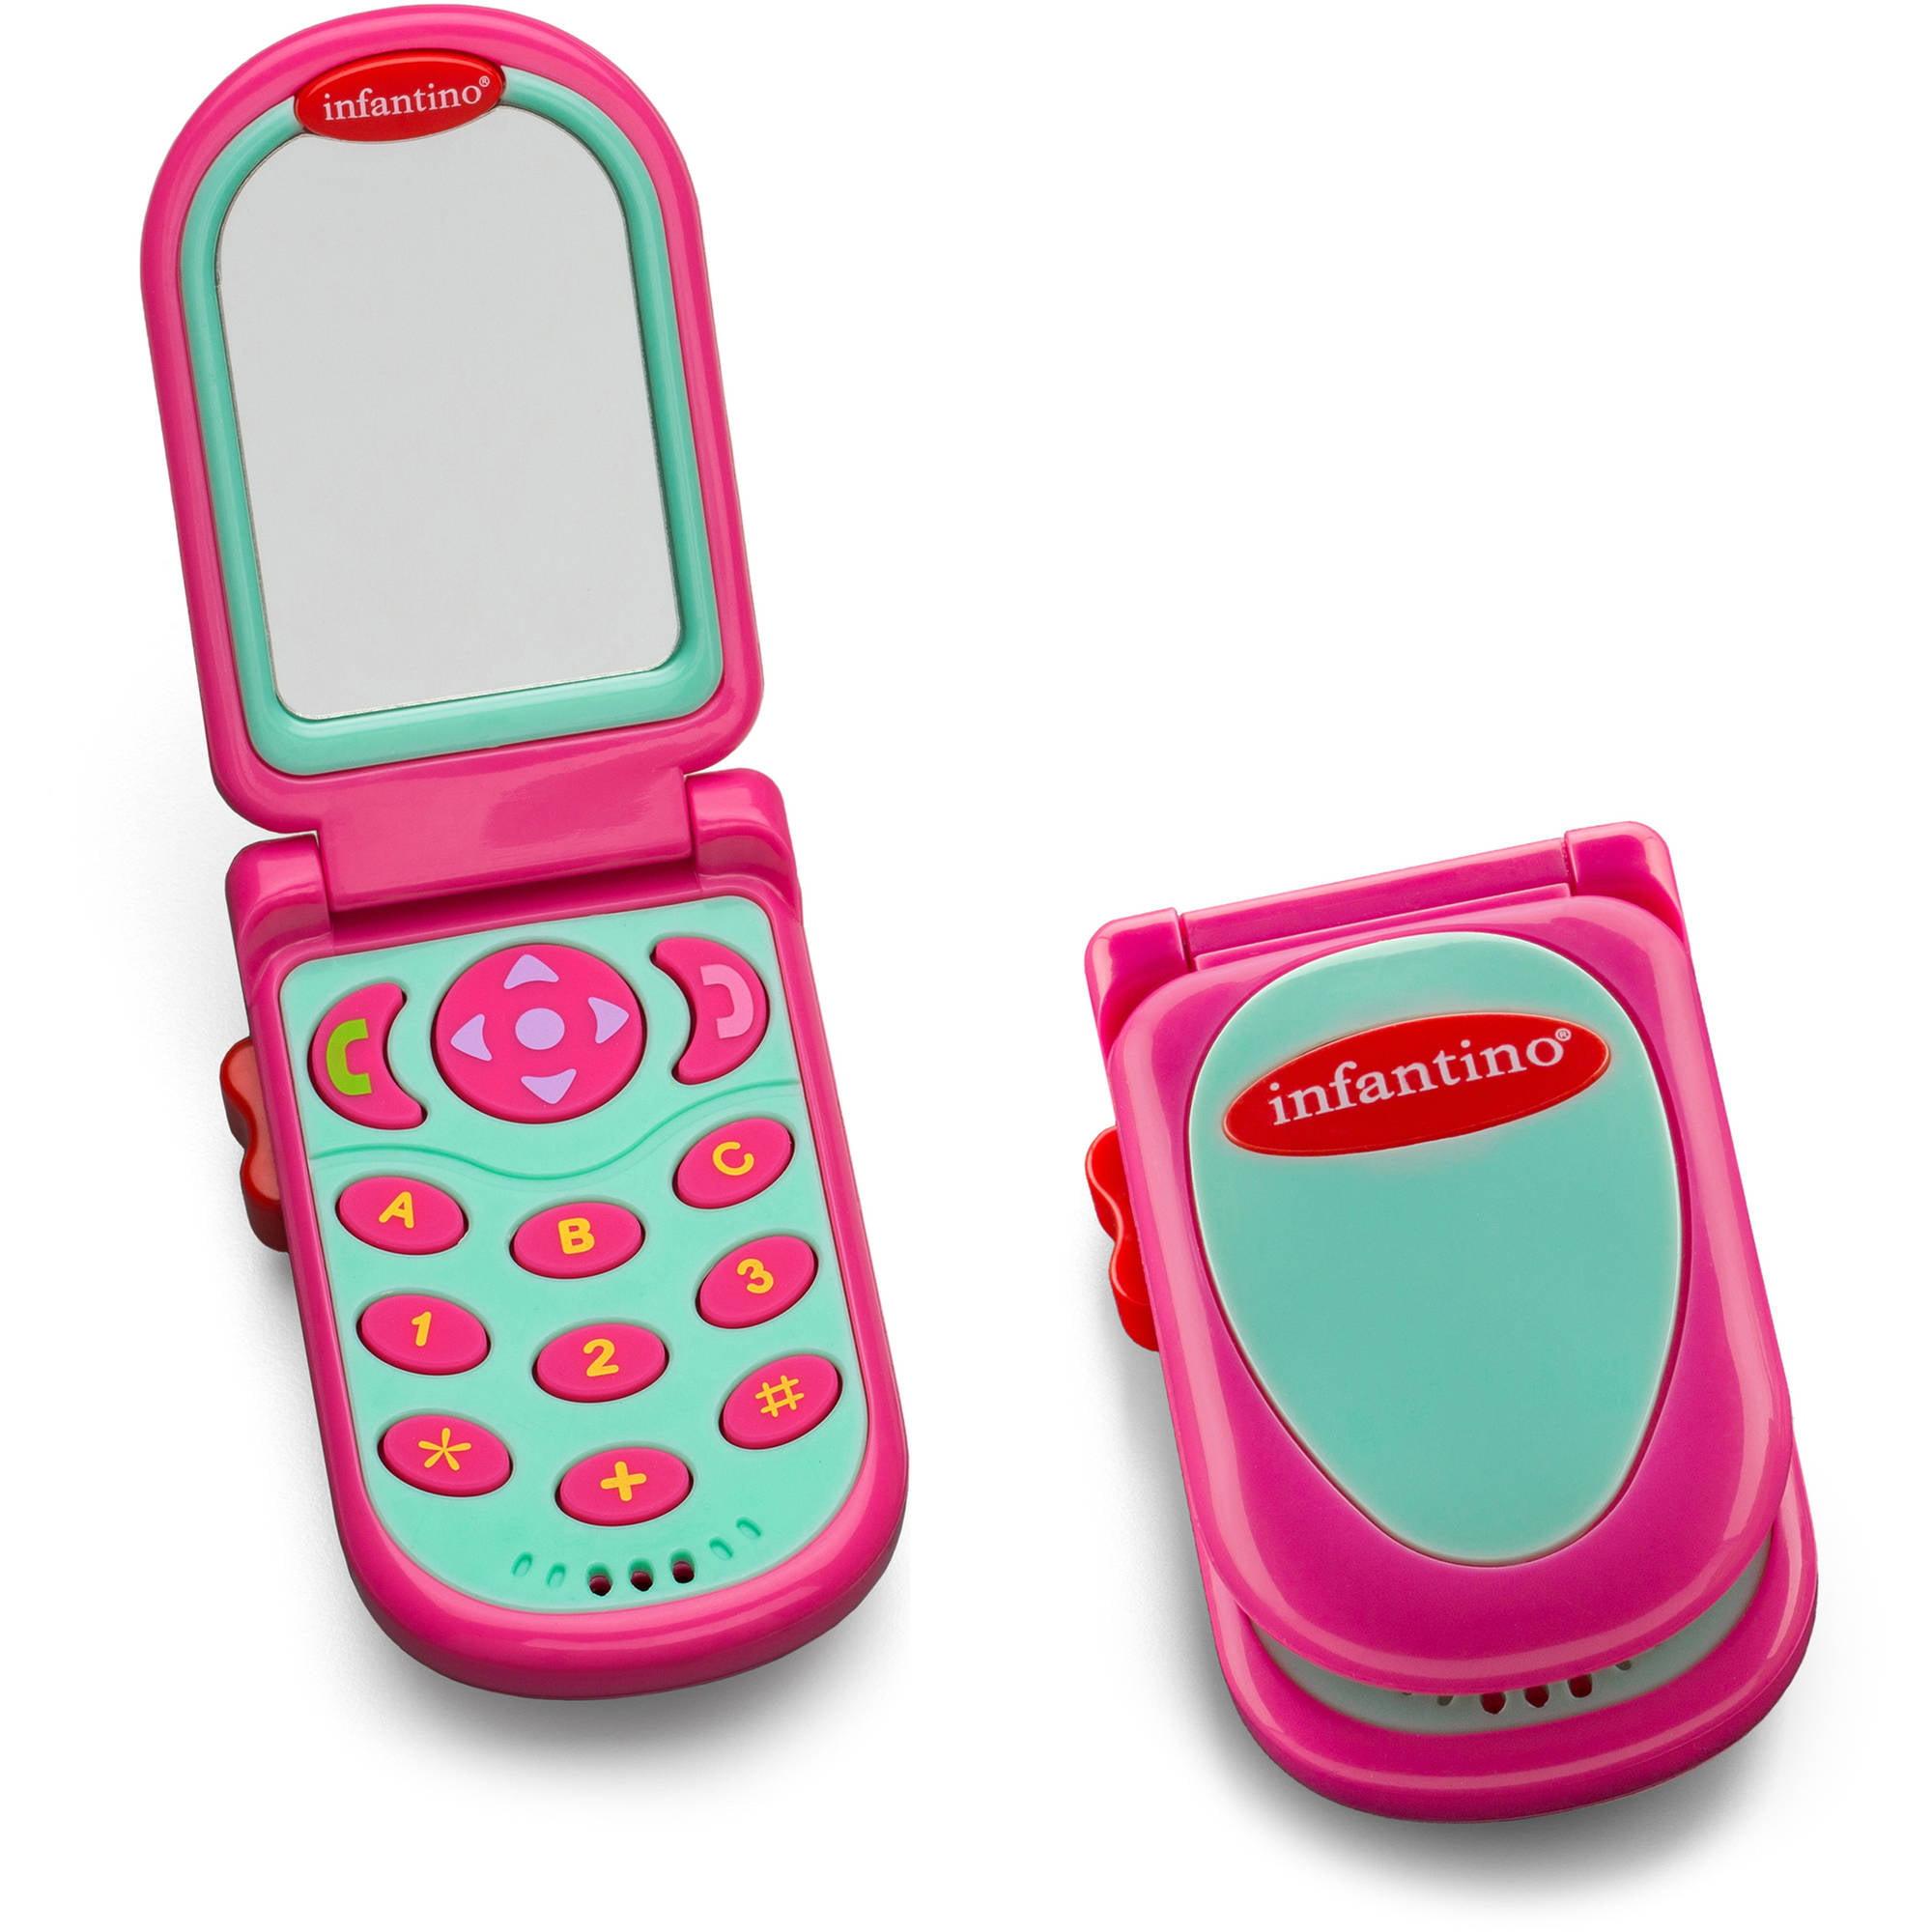 Infantino Flip & Peek Fun Phone, Pink